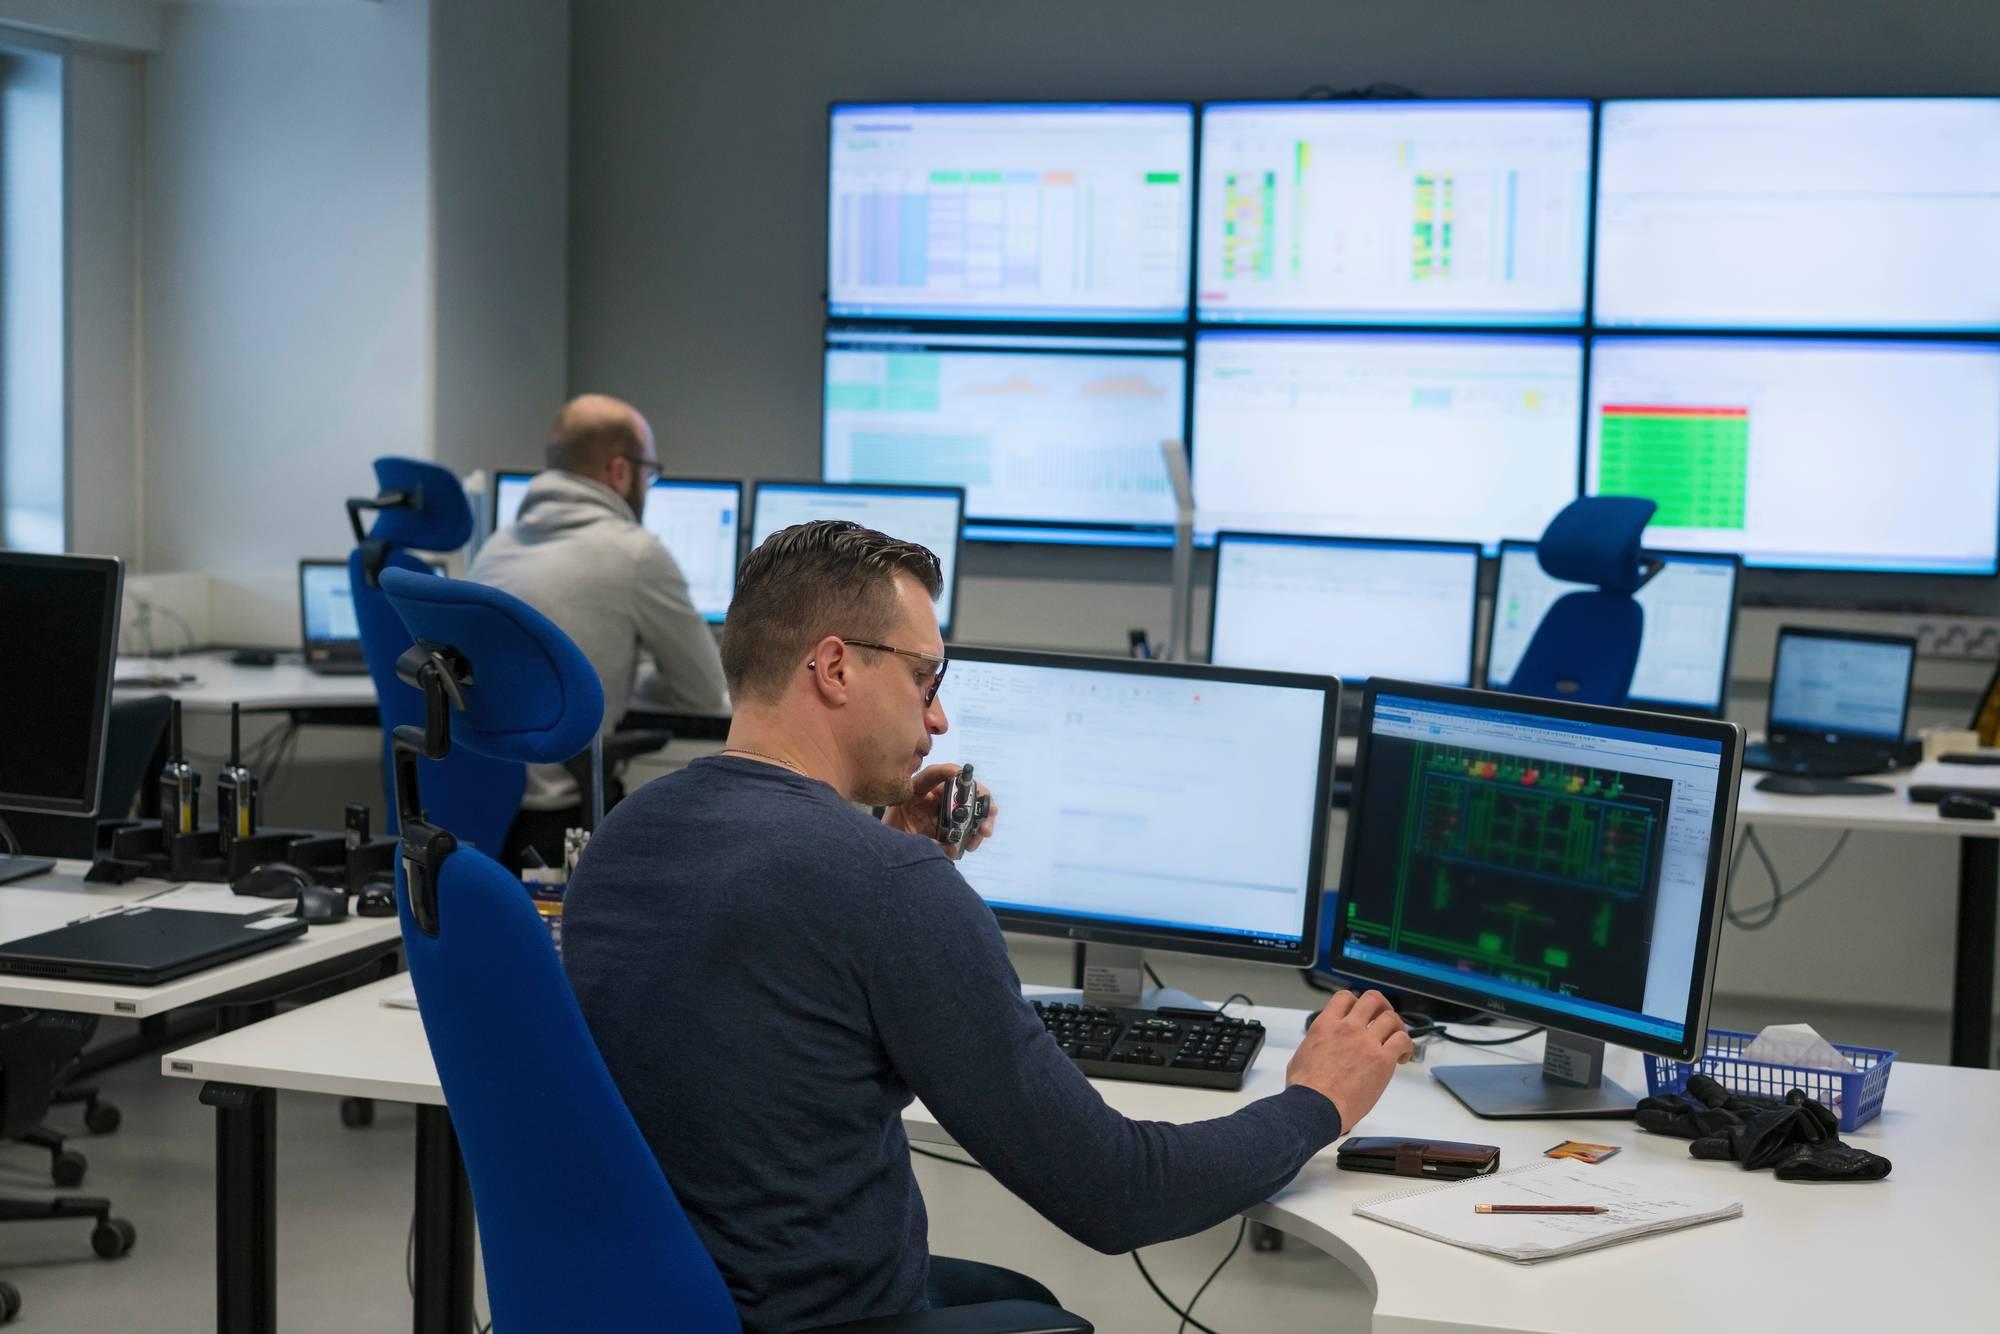 """Andreas Packalénin (vasemmalla) ja Matti Huopion työssä muuttui """"jokseenkin kaikki"""", kun he siirtyivät Kilon varastosta Sipoon keskuksen control centeriin. Kuva: Jukka Rapo"""